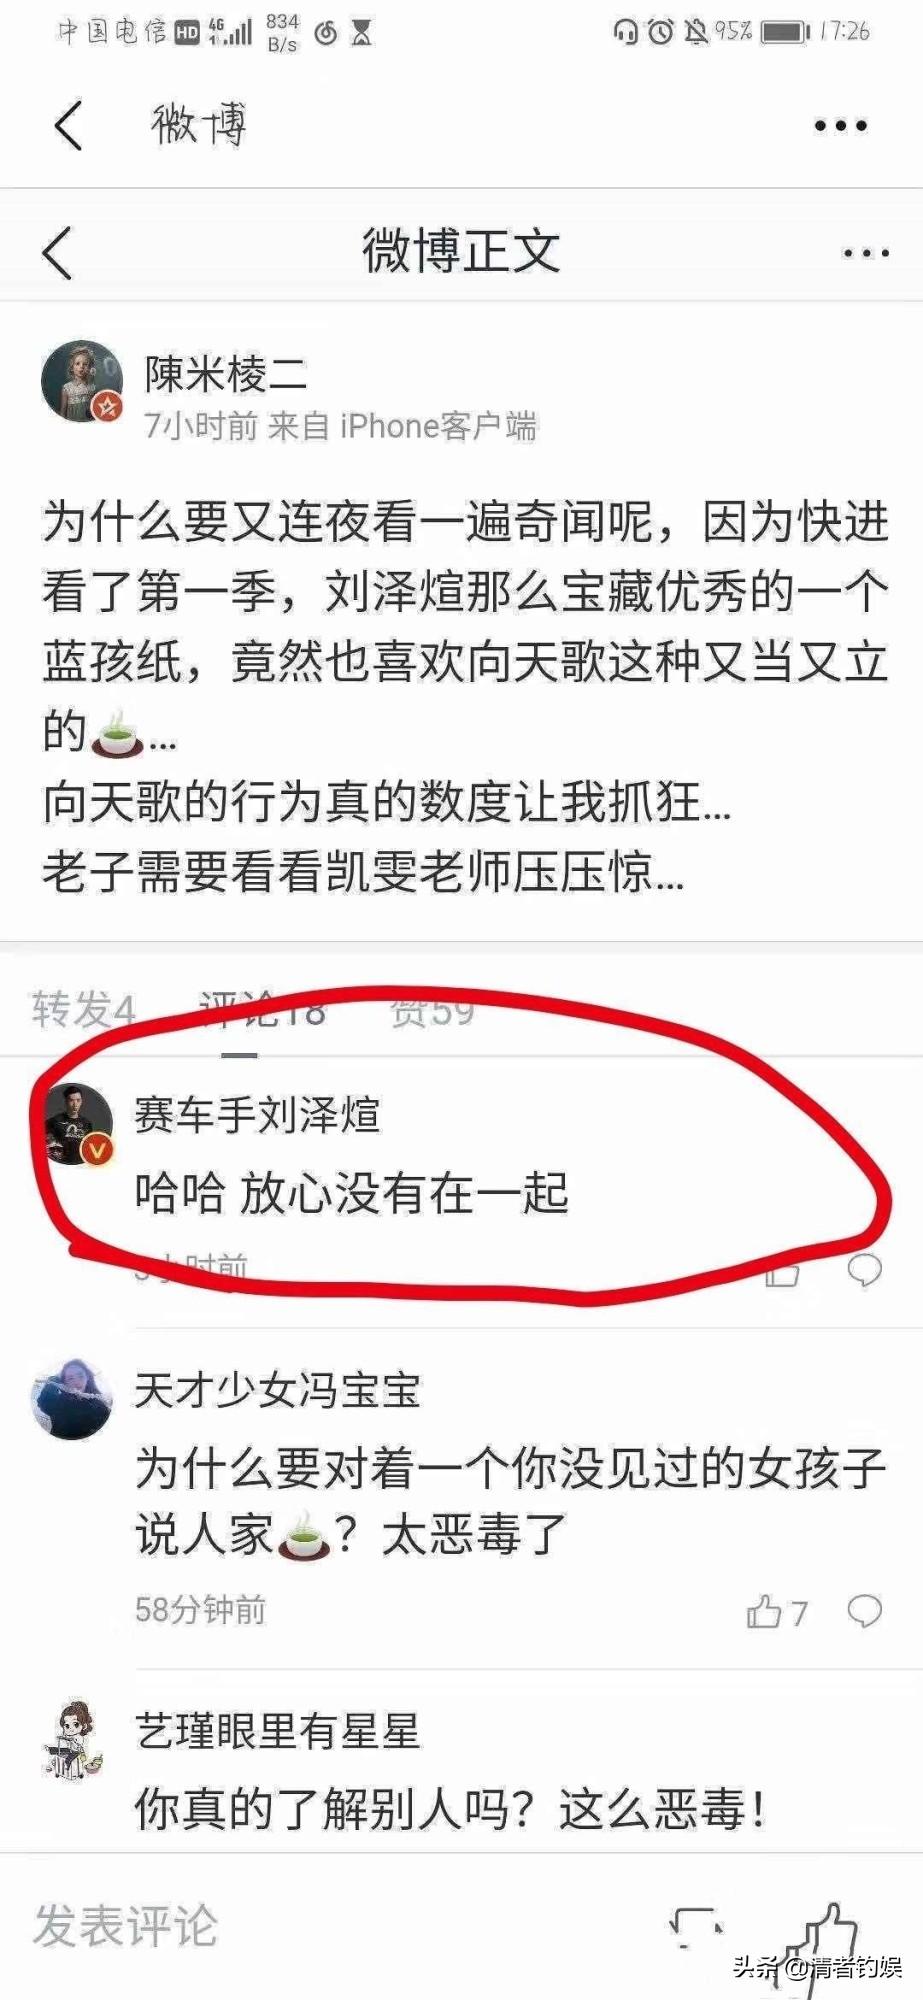 《心動的信號》首次翻車!劉澤煊瘋狂吐槽向天歌的操作引網友熱議